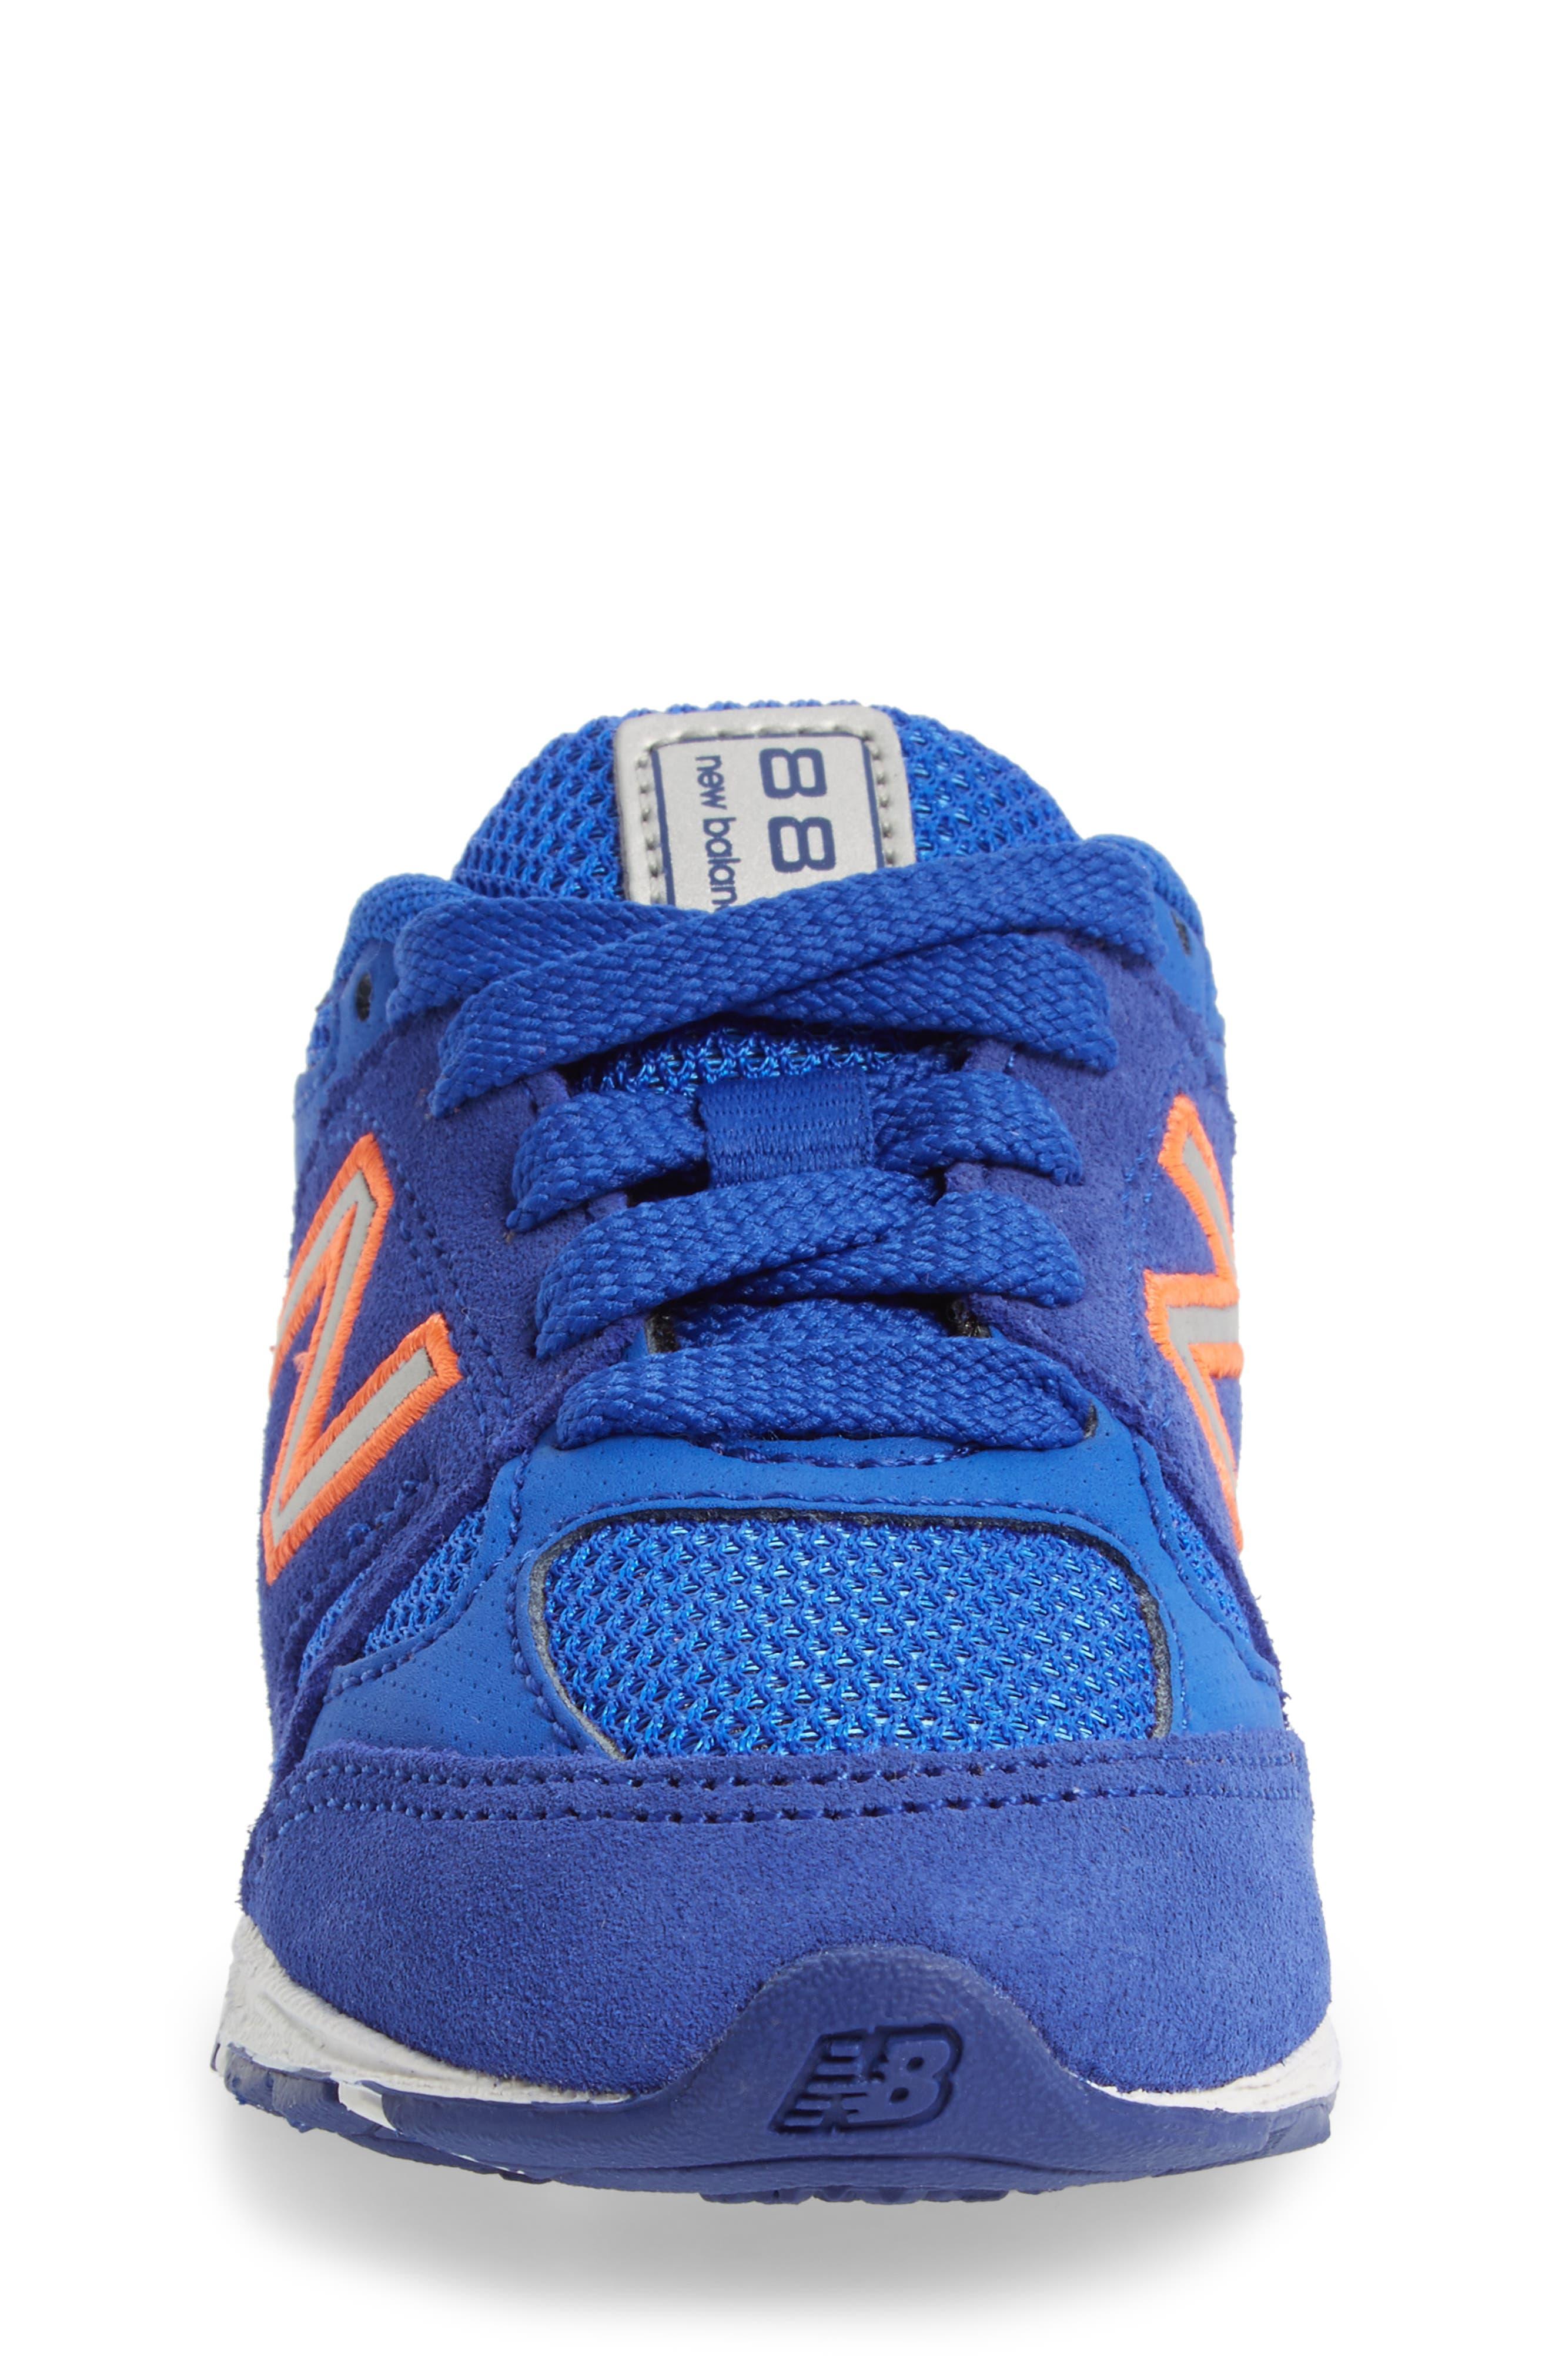 888 Sneaker,                             Alternate thumbnail 4, color,                             400